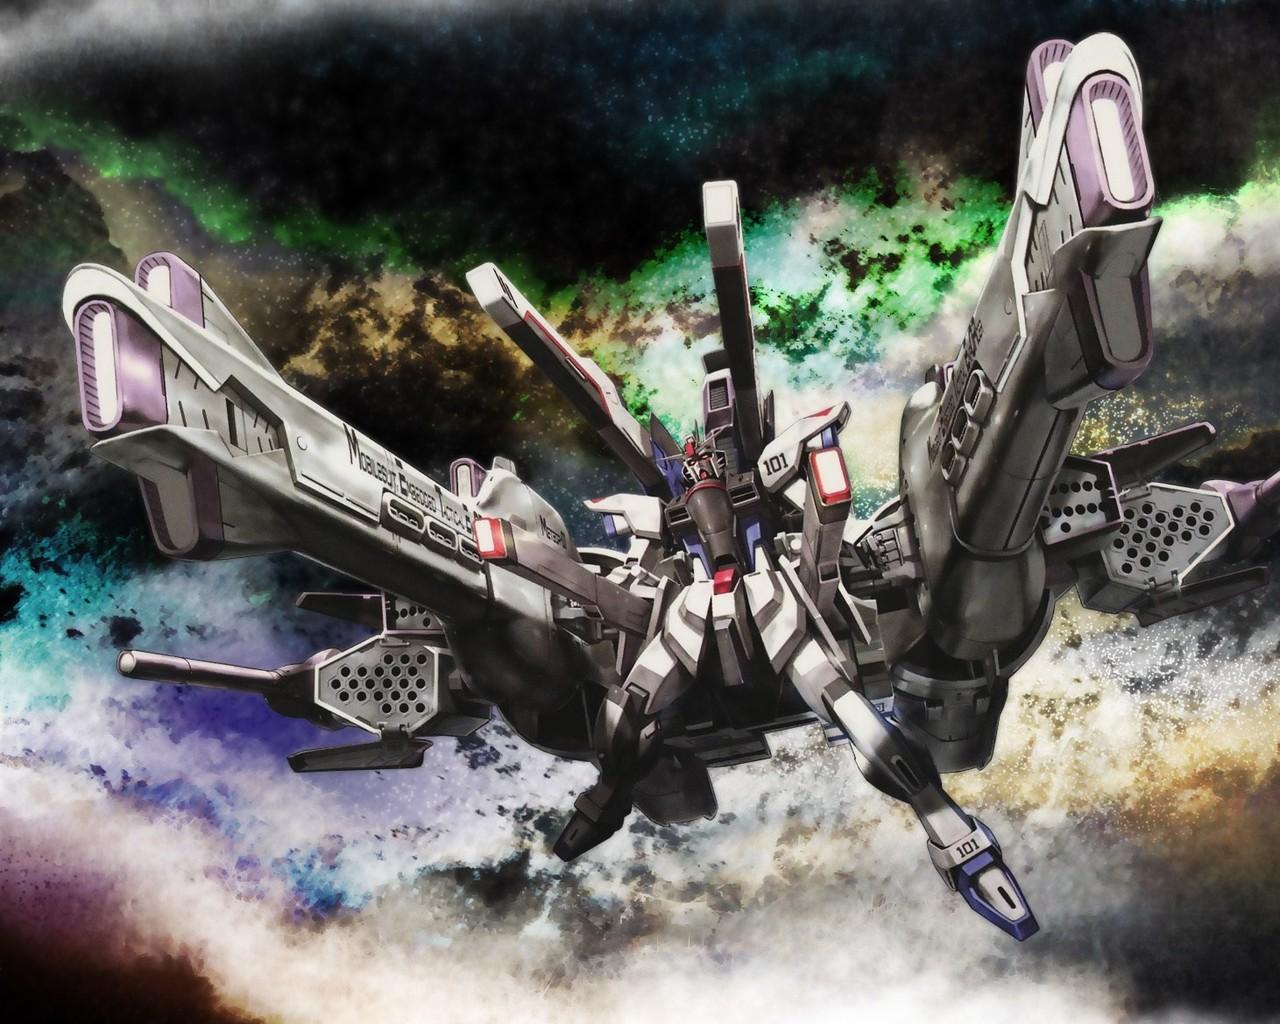 Photo 1 of 60 Mobile Suit Gundam 1280x1024